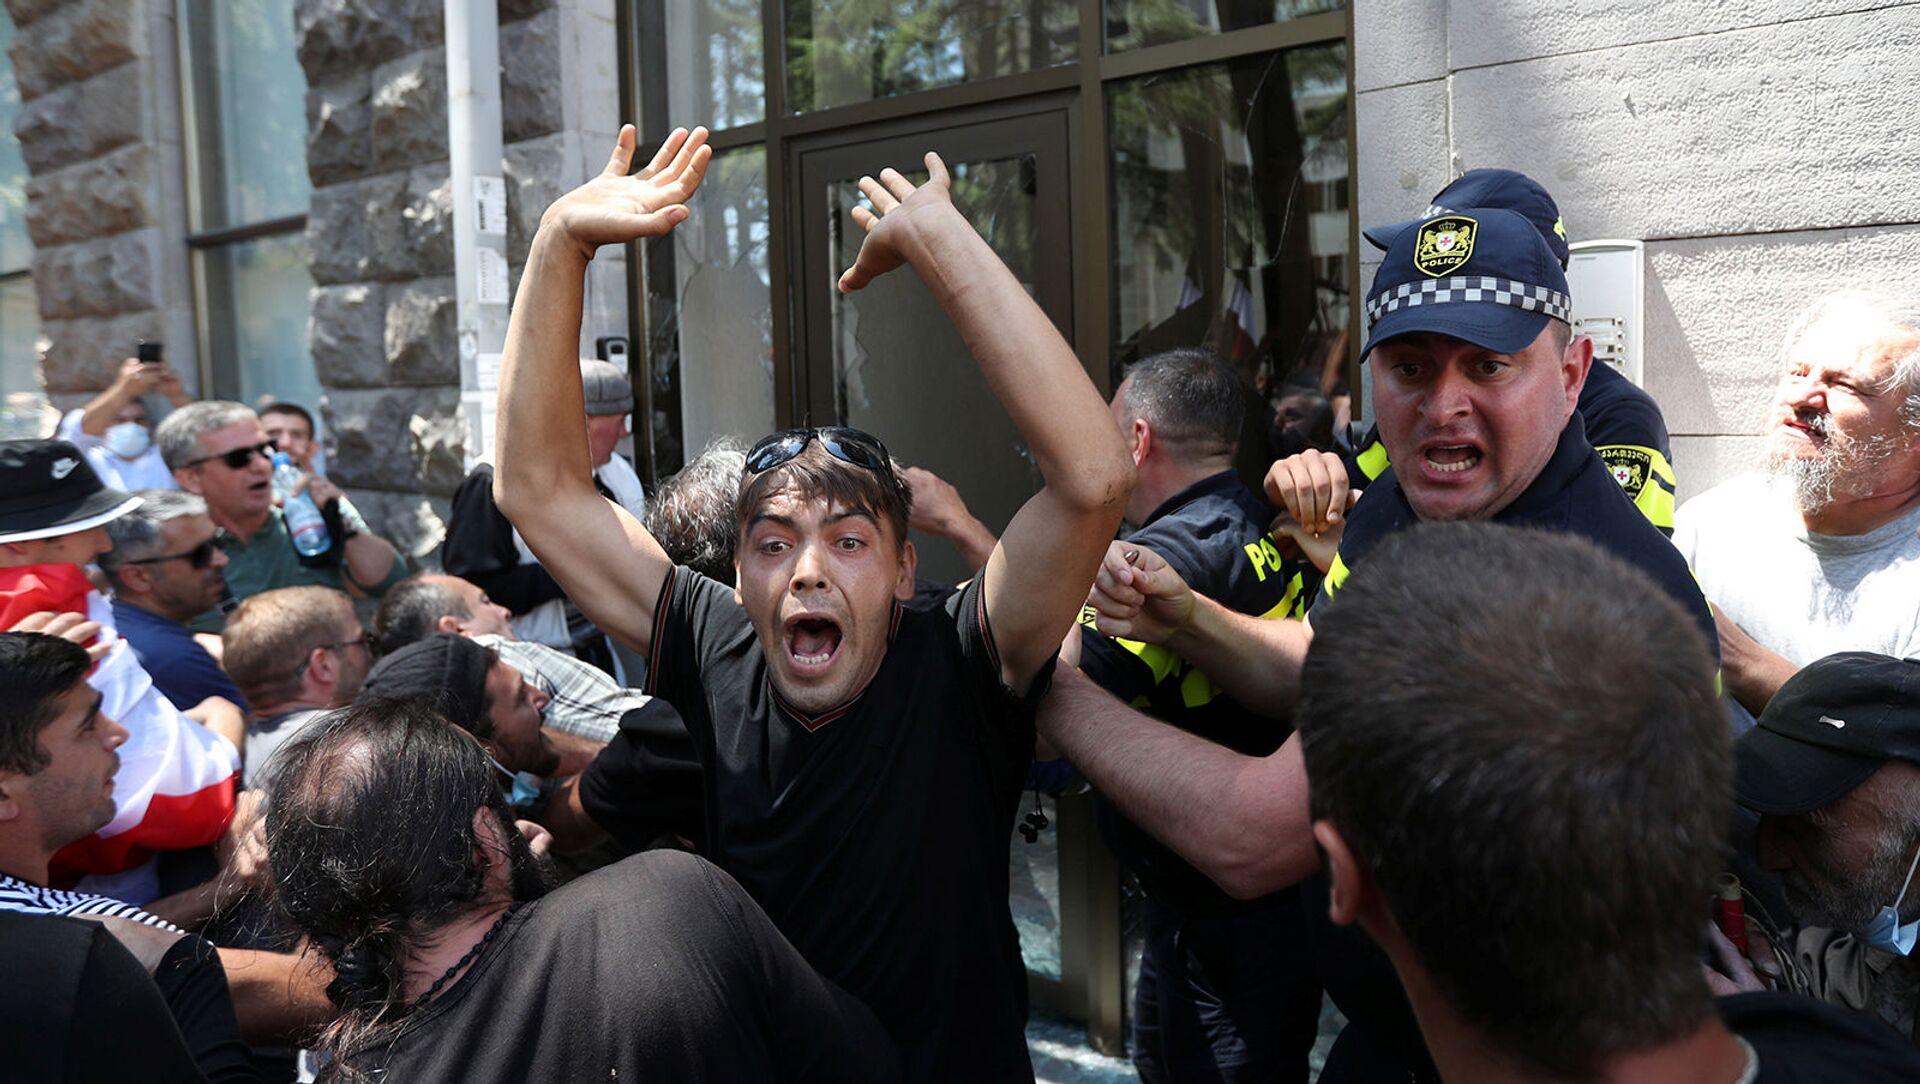 Протестующие штурмуют офис активистов ЛГБТ во время митинга перед запланированным Маршем достоинства (5 июля 2021). Тбилиси - Sputnik Արմենիա, 1920, 11.07.2021